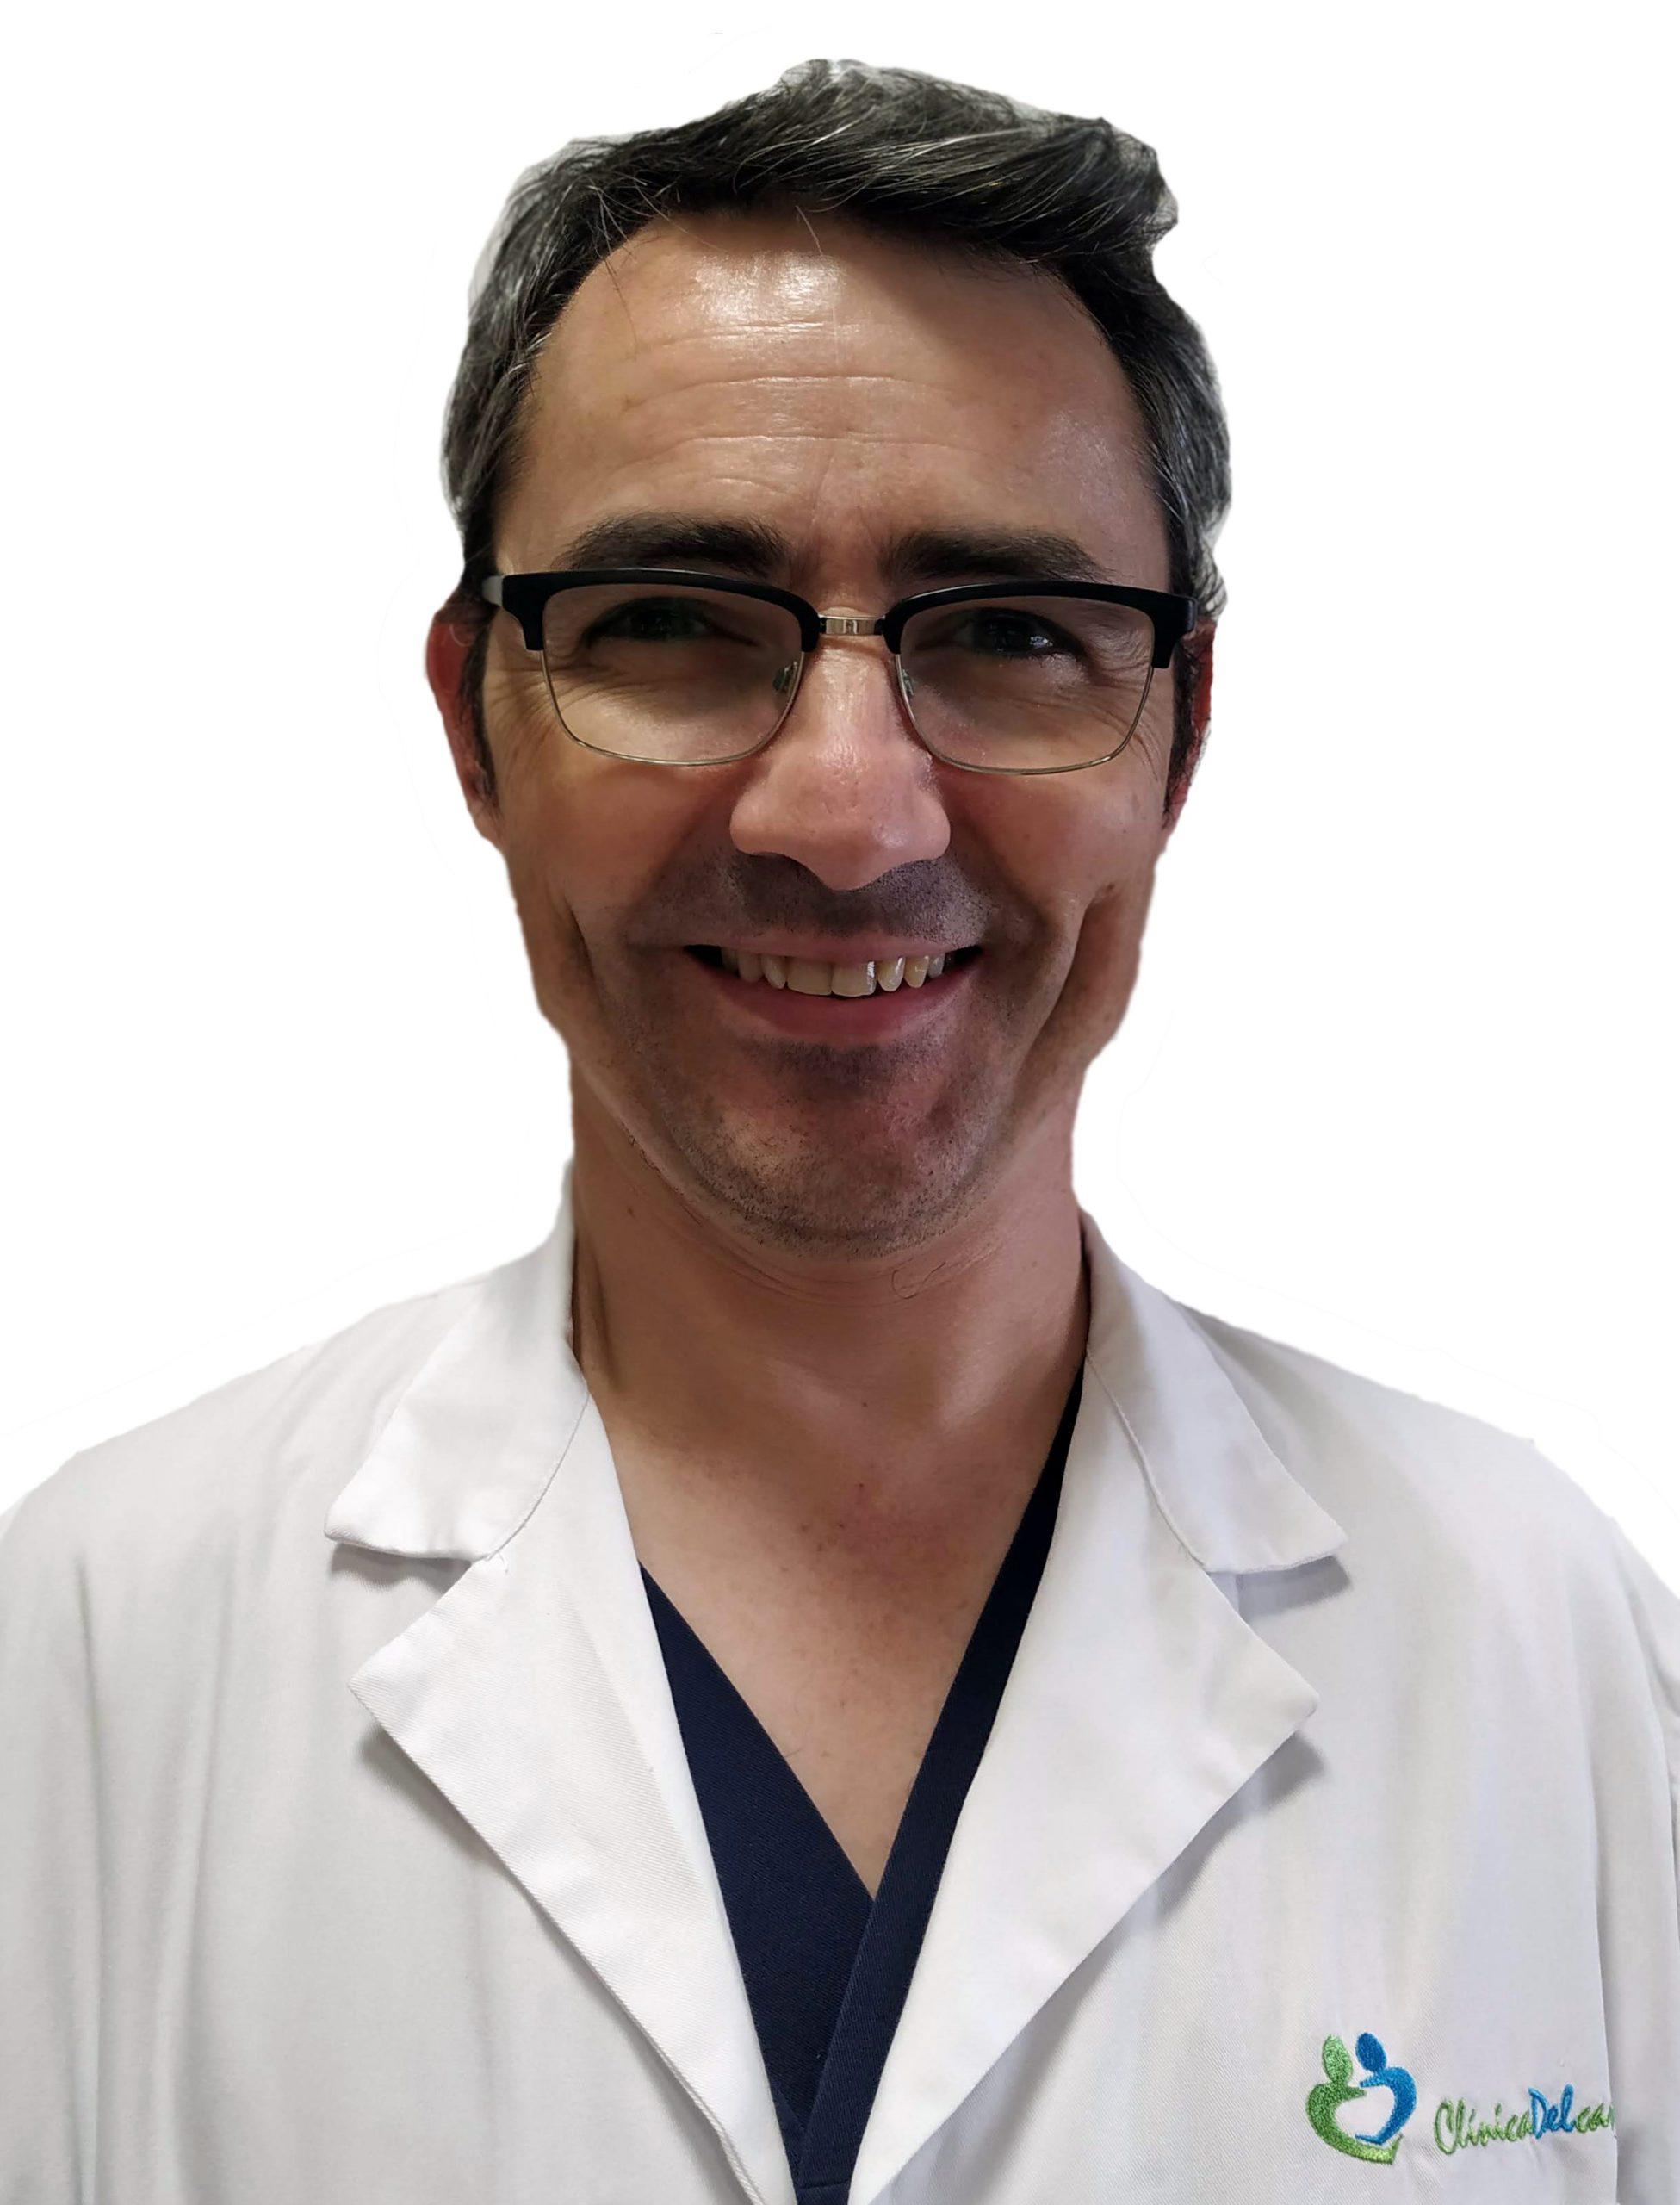 Mario Baquero Alonso